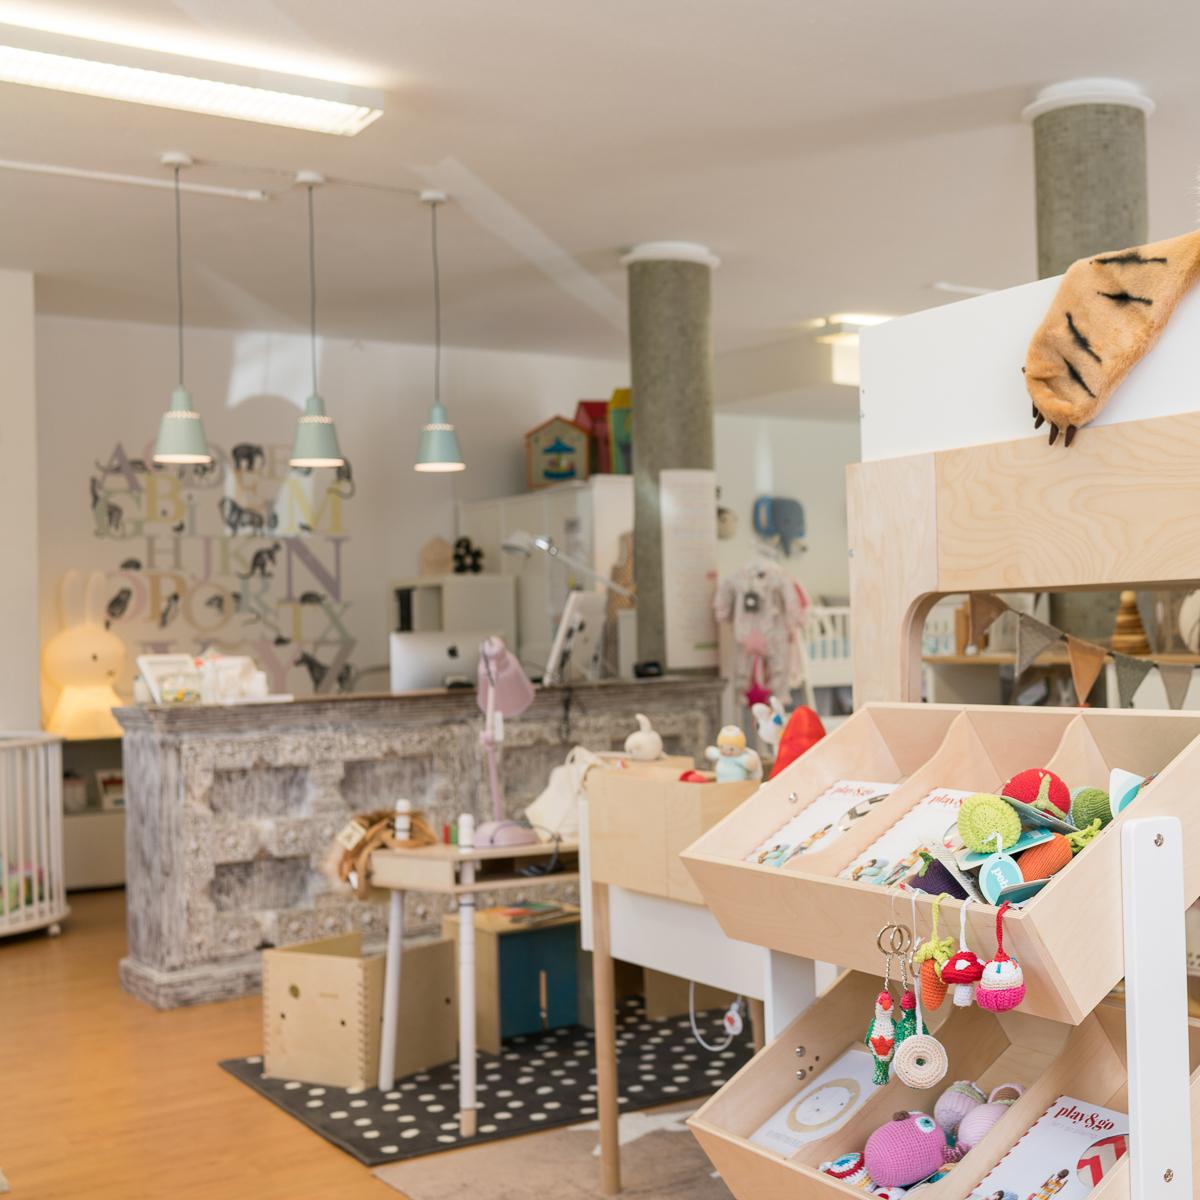 Snowflake Kindermöbel und Accessoires Zürich-3